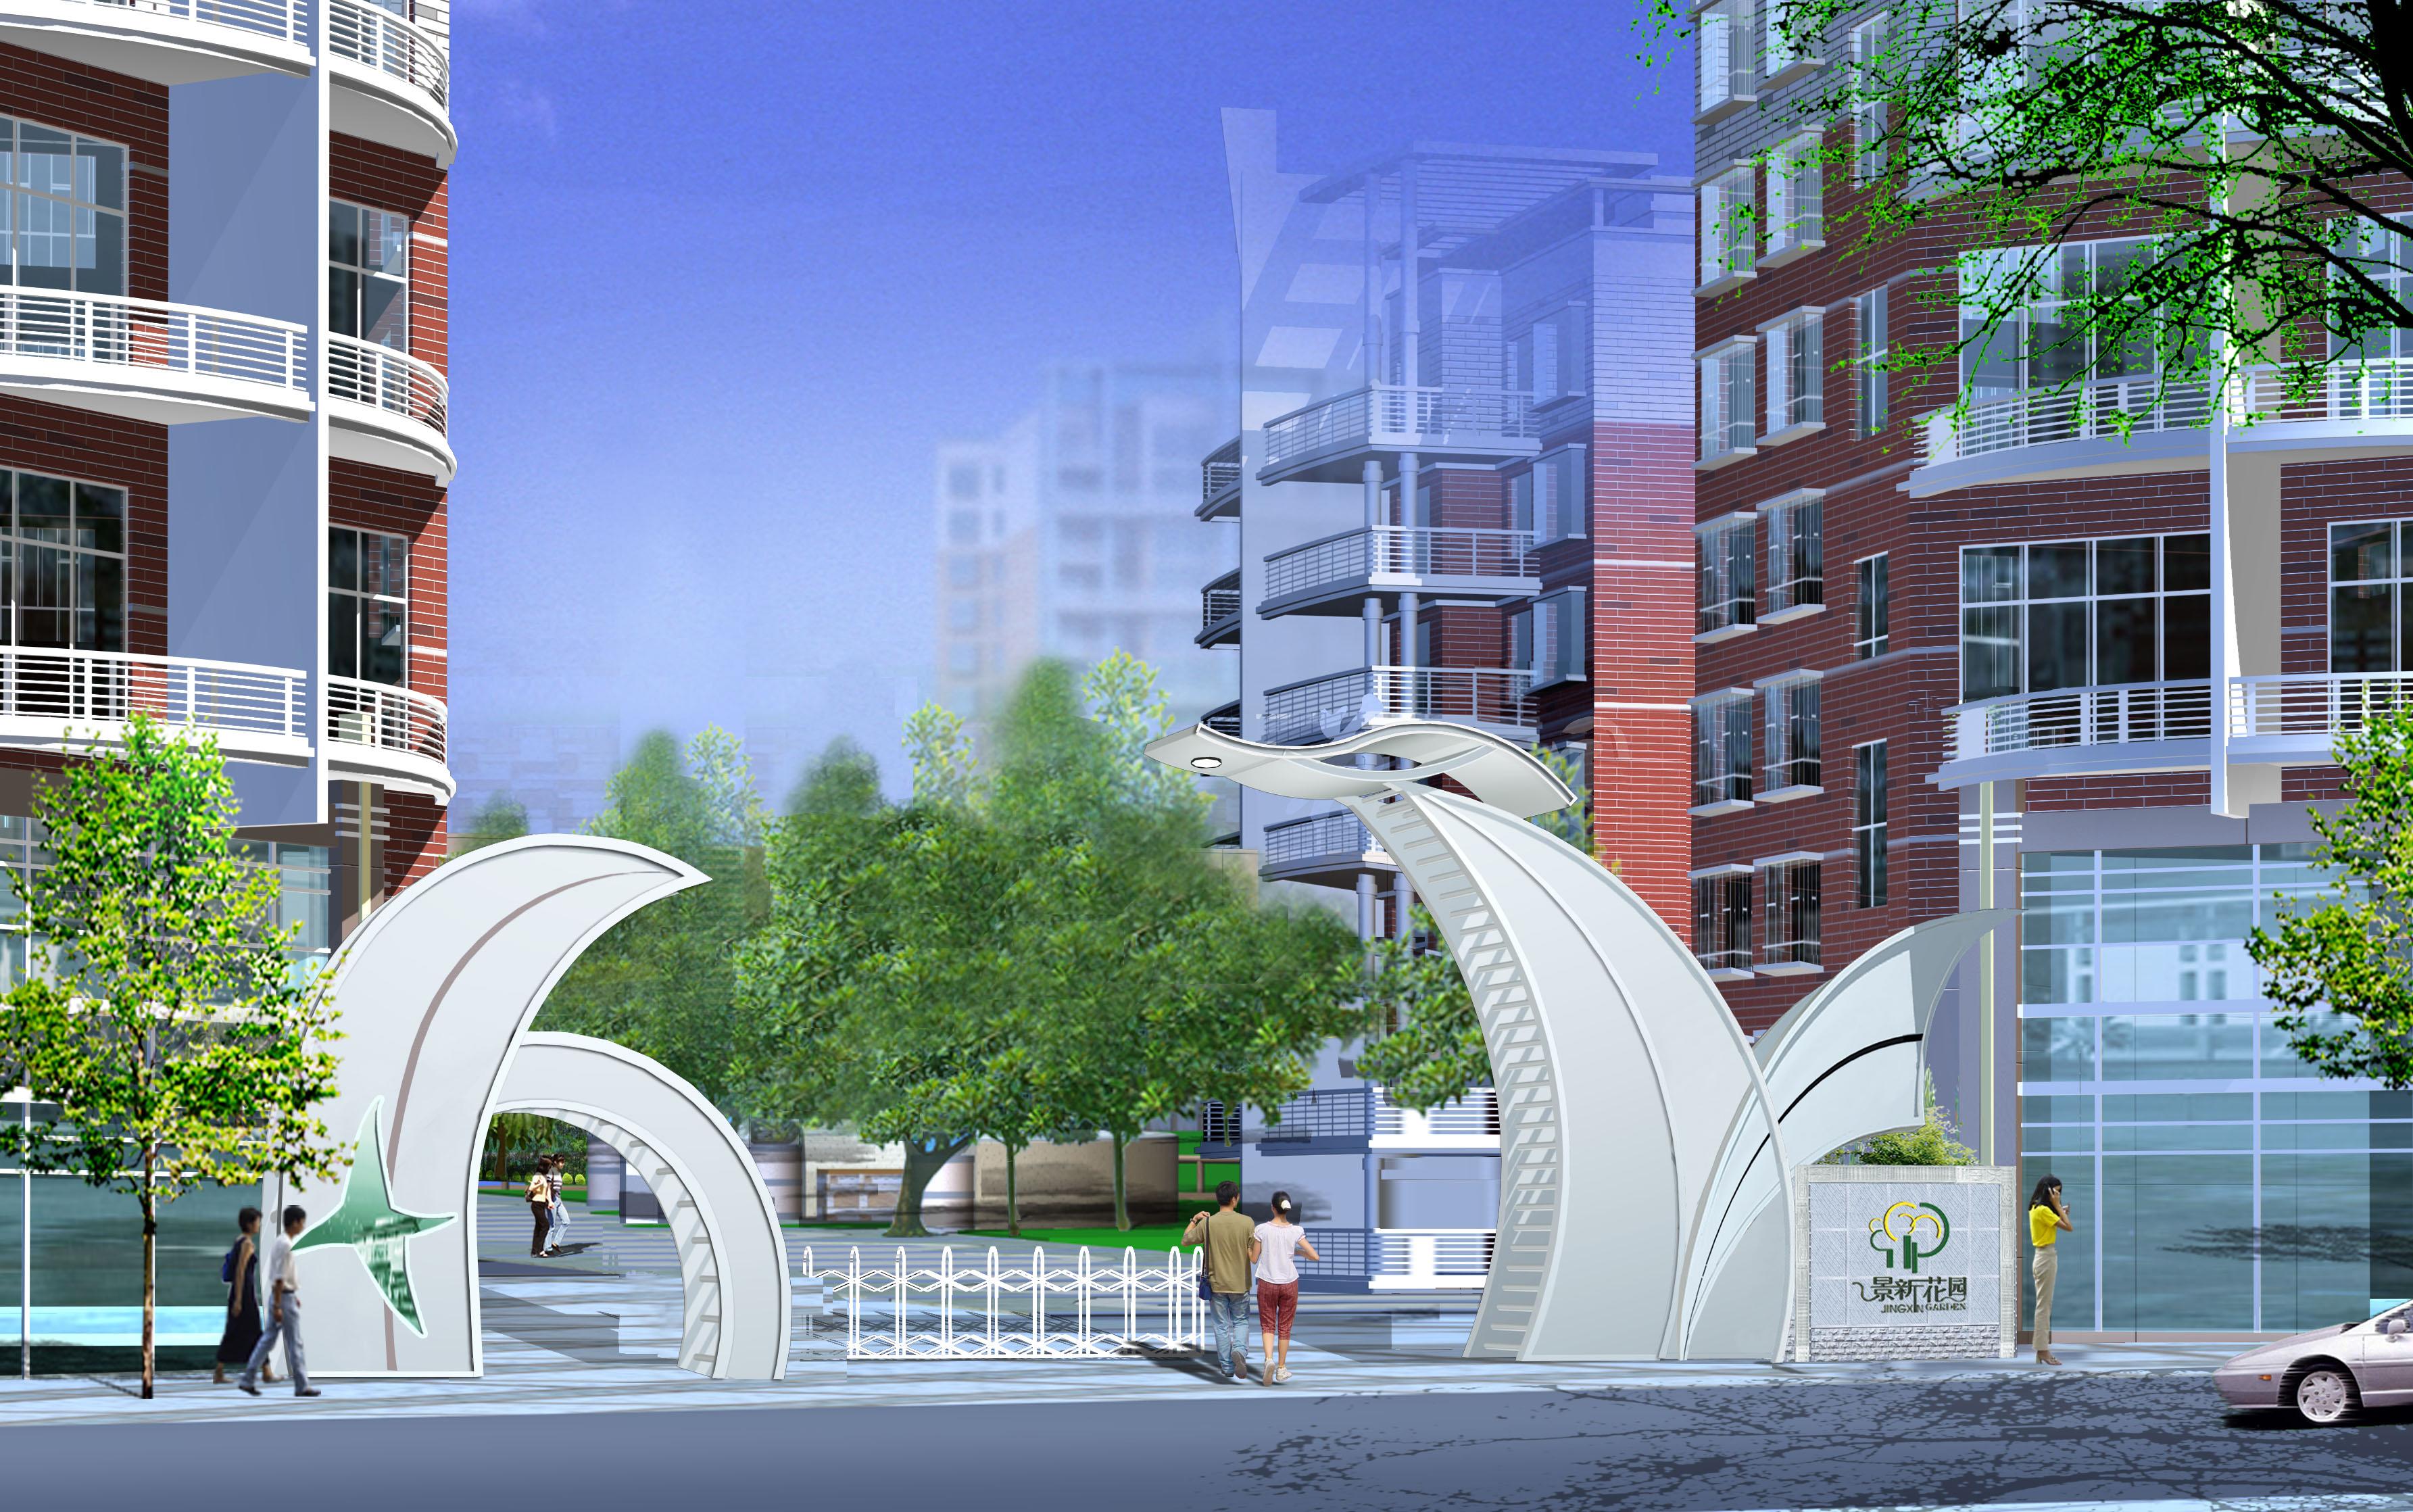 鋼結構小區大門設計 鋼結構大門設計效果圖 鋼結構小區大門效果圖  所